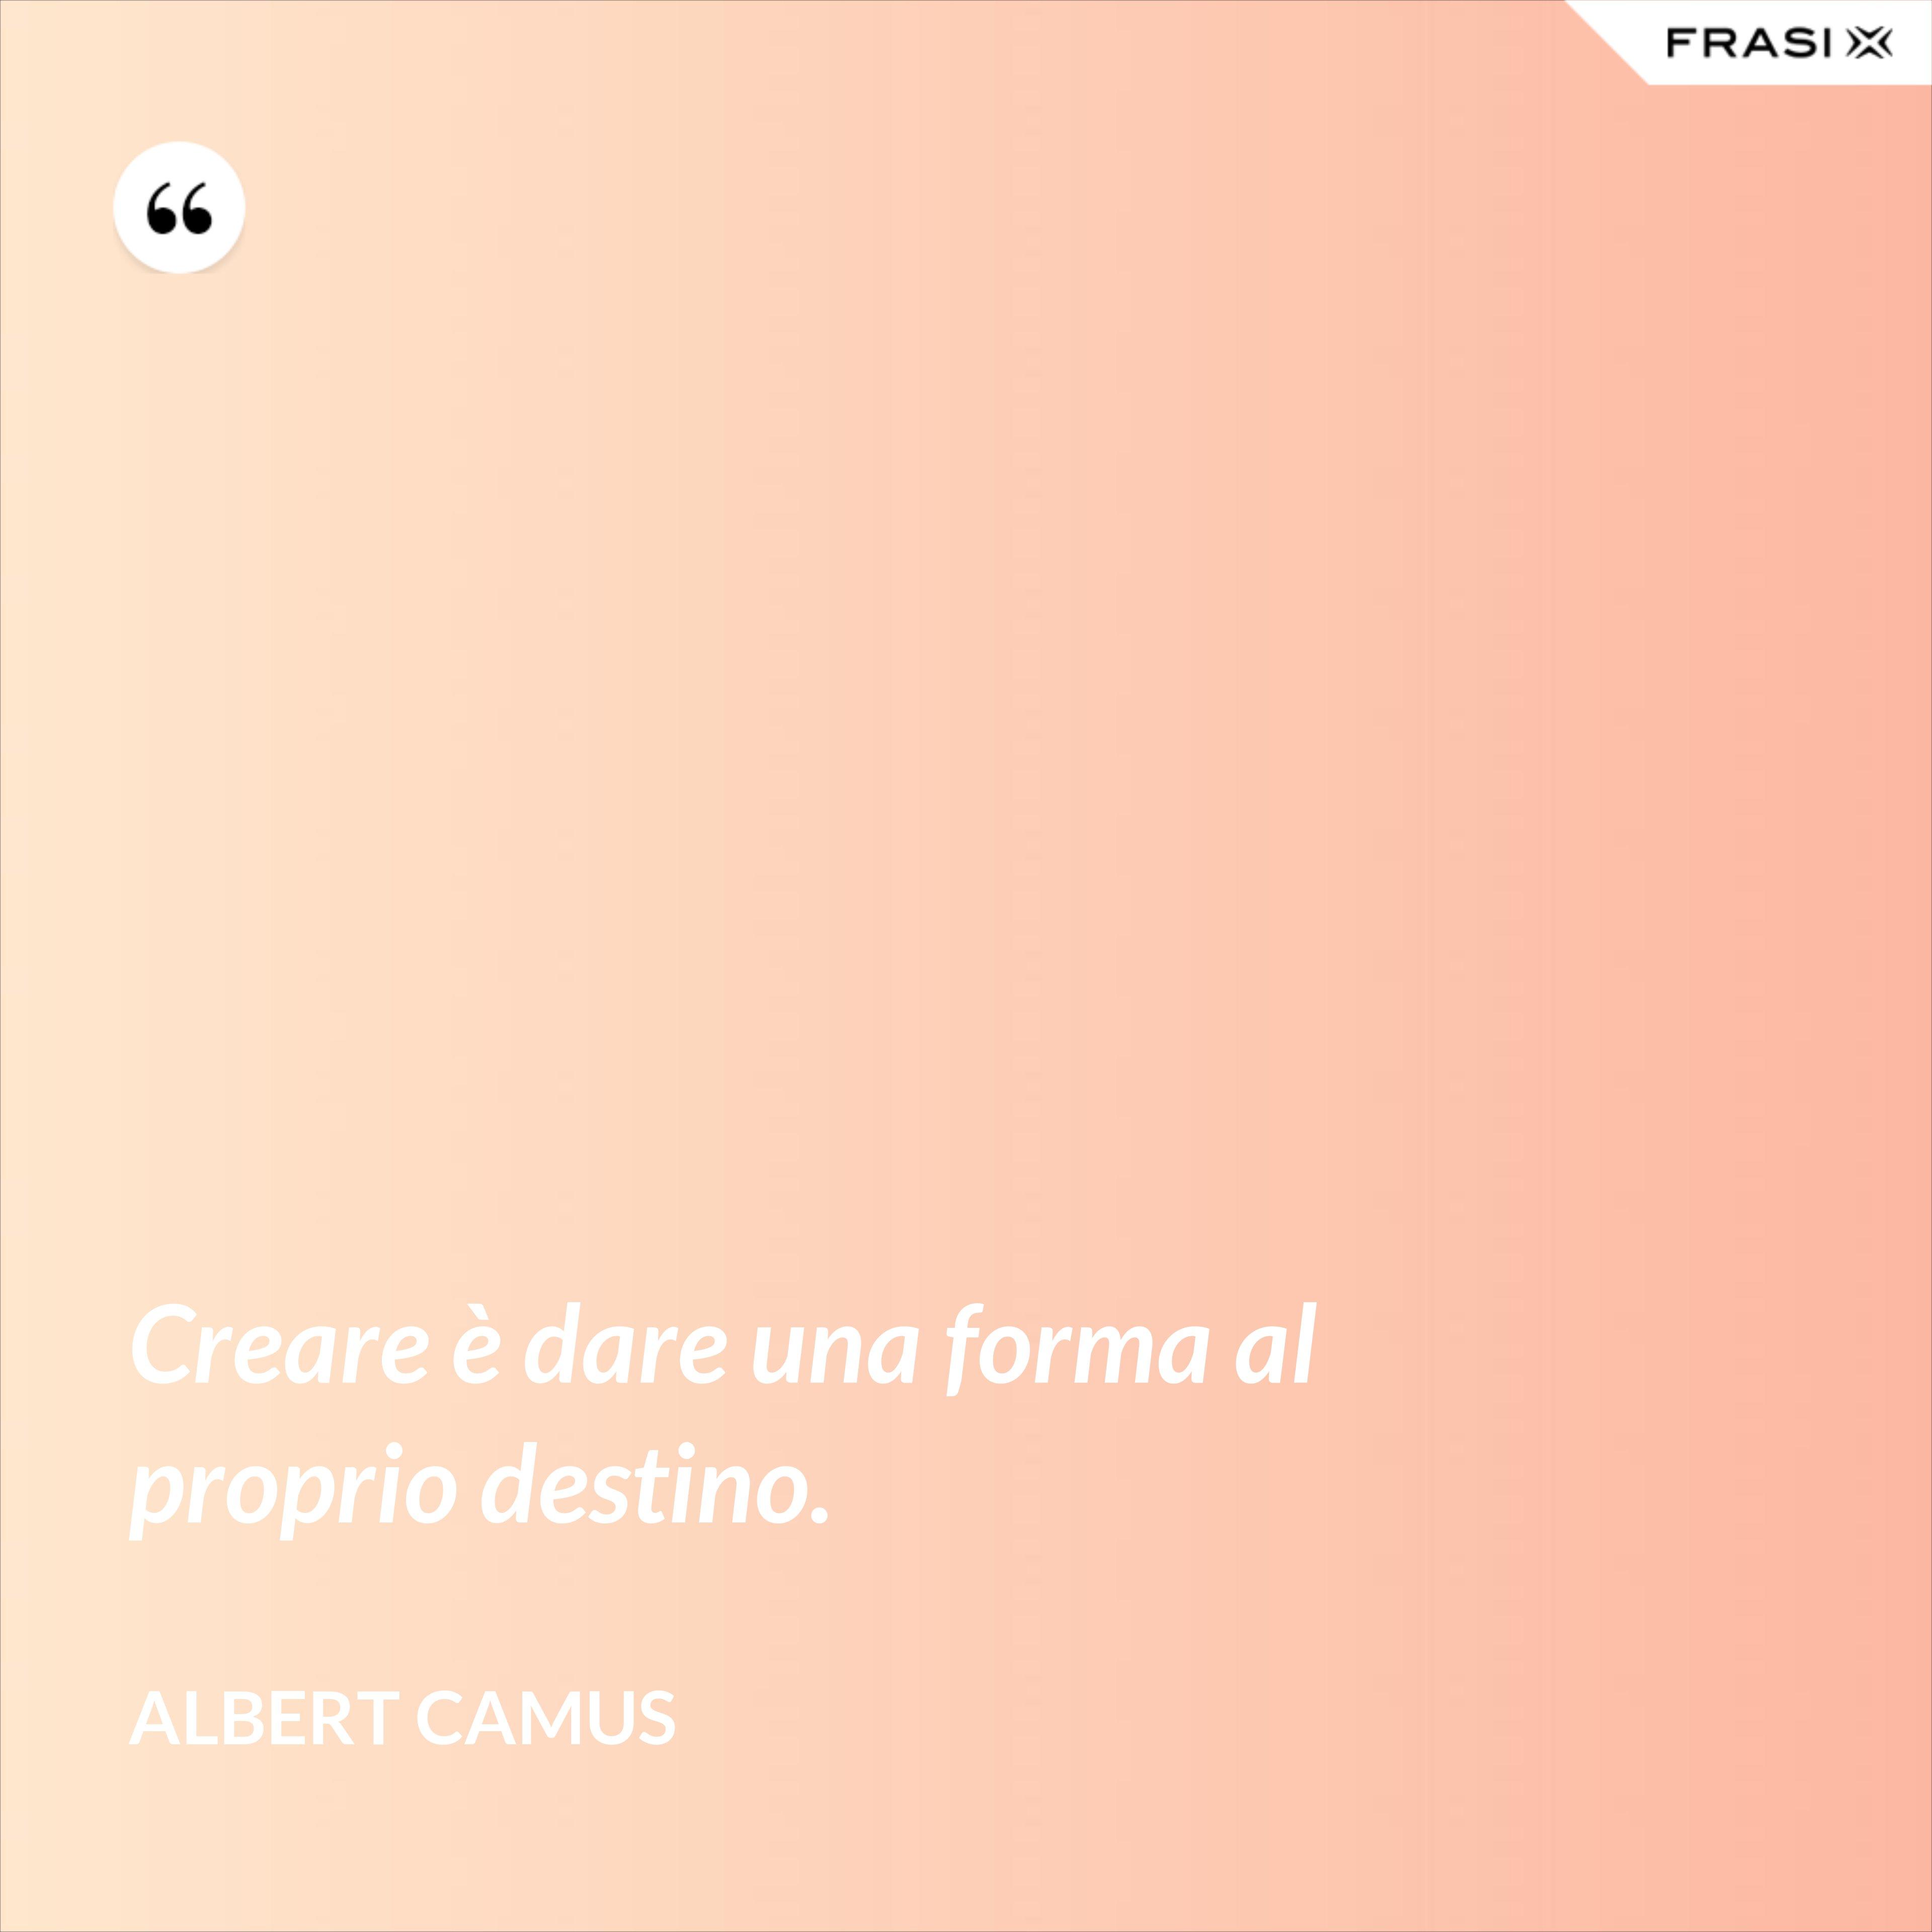 Creare è dare una forma al proprio destino. - Albert Camus